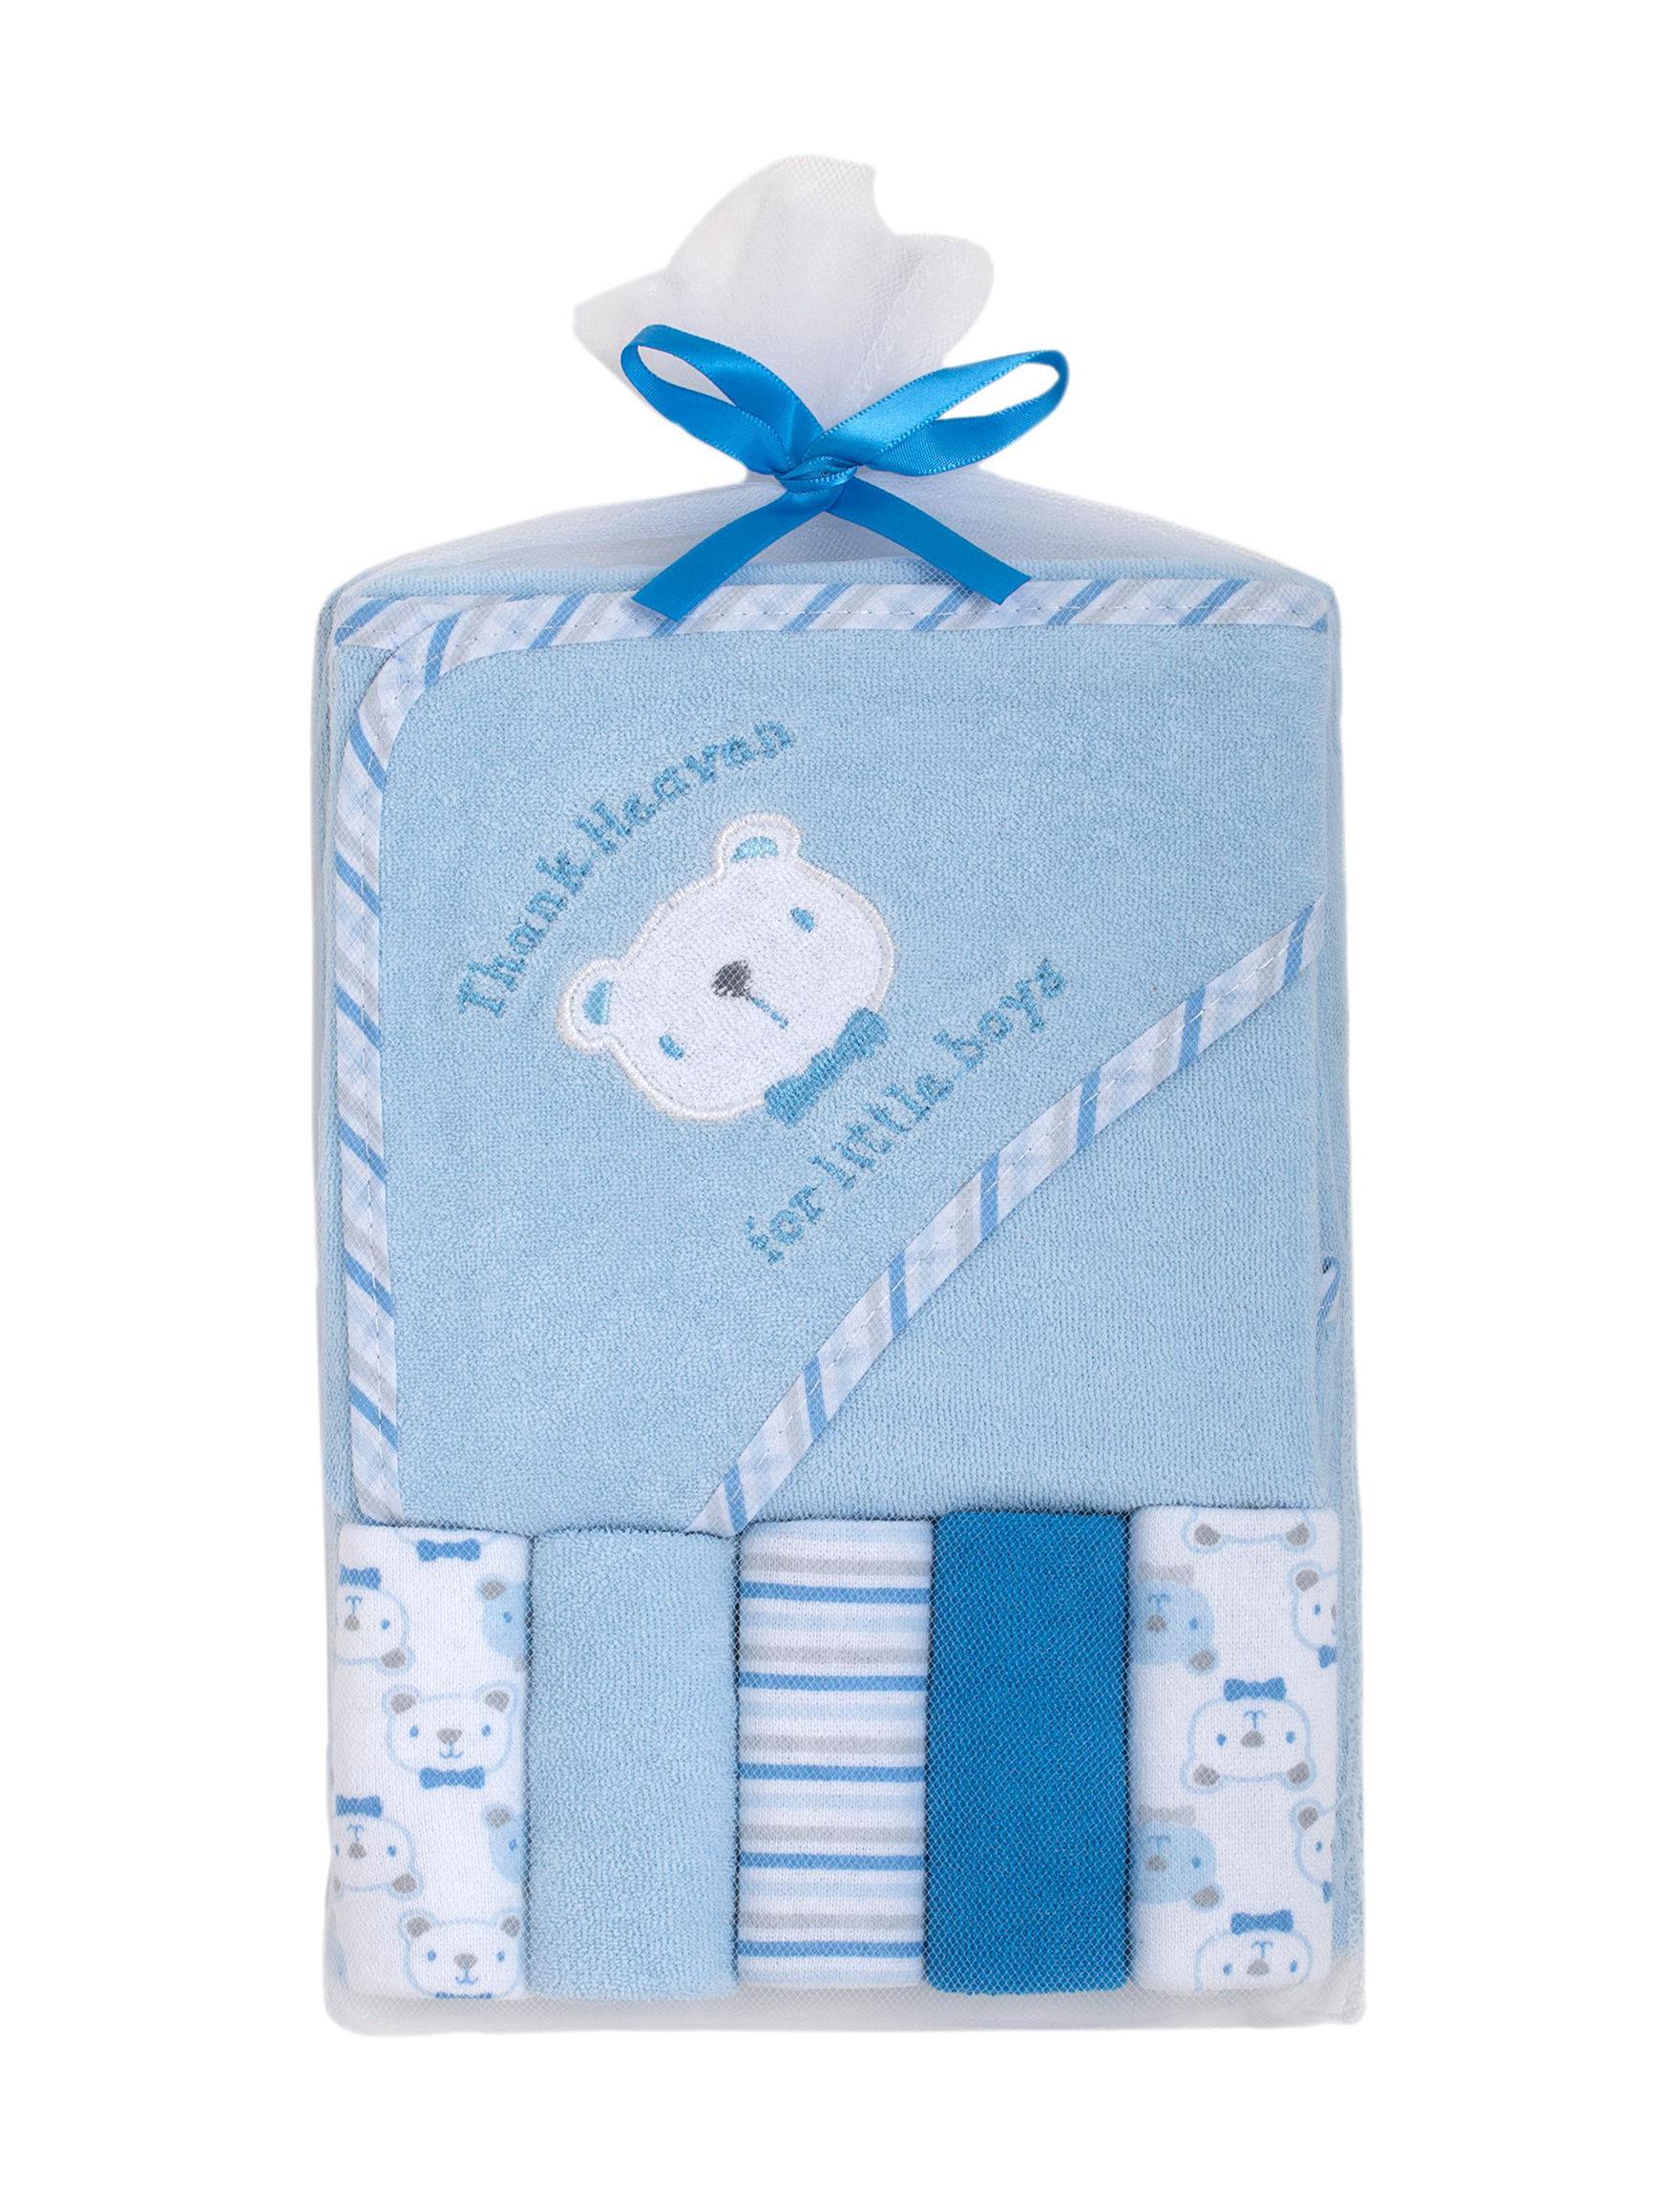 Baby Gear Blue Multi